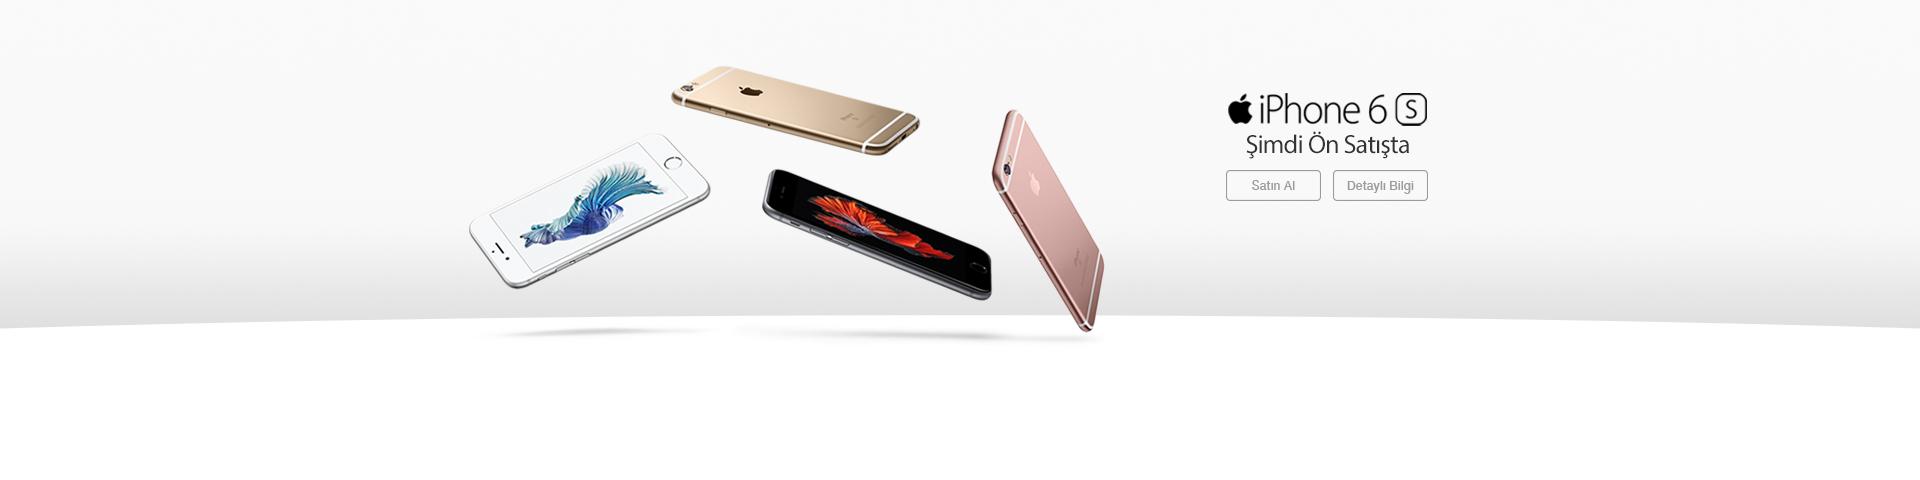 iPhone 6s ve iPhone 6s Plus Turkcell'de